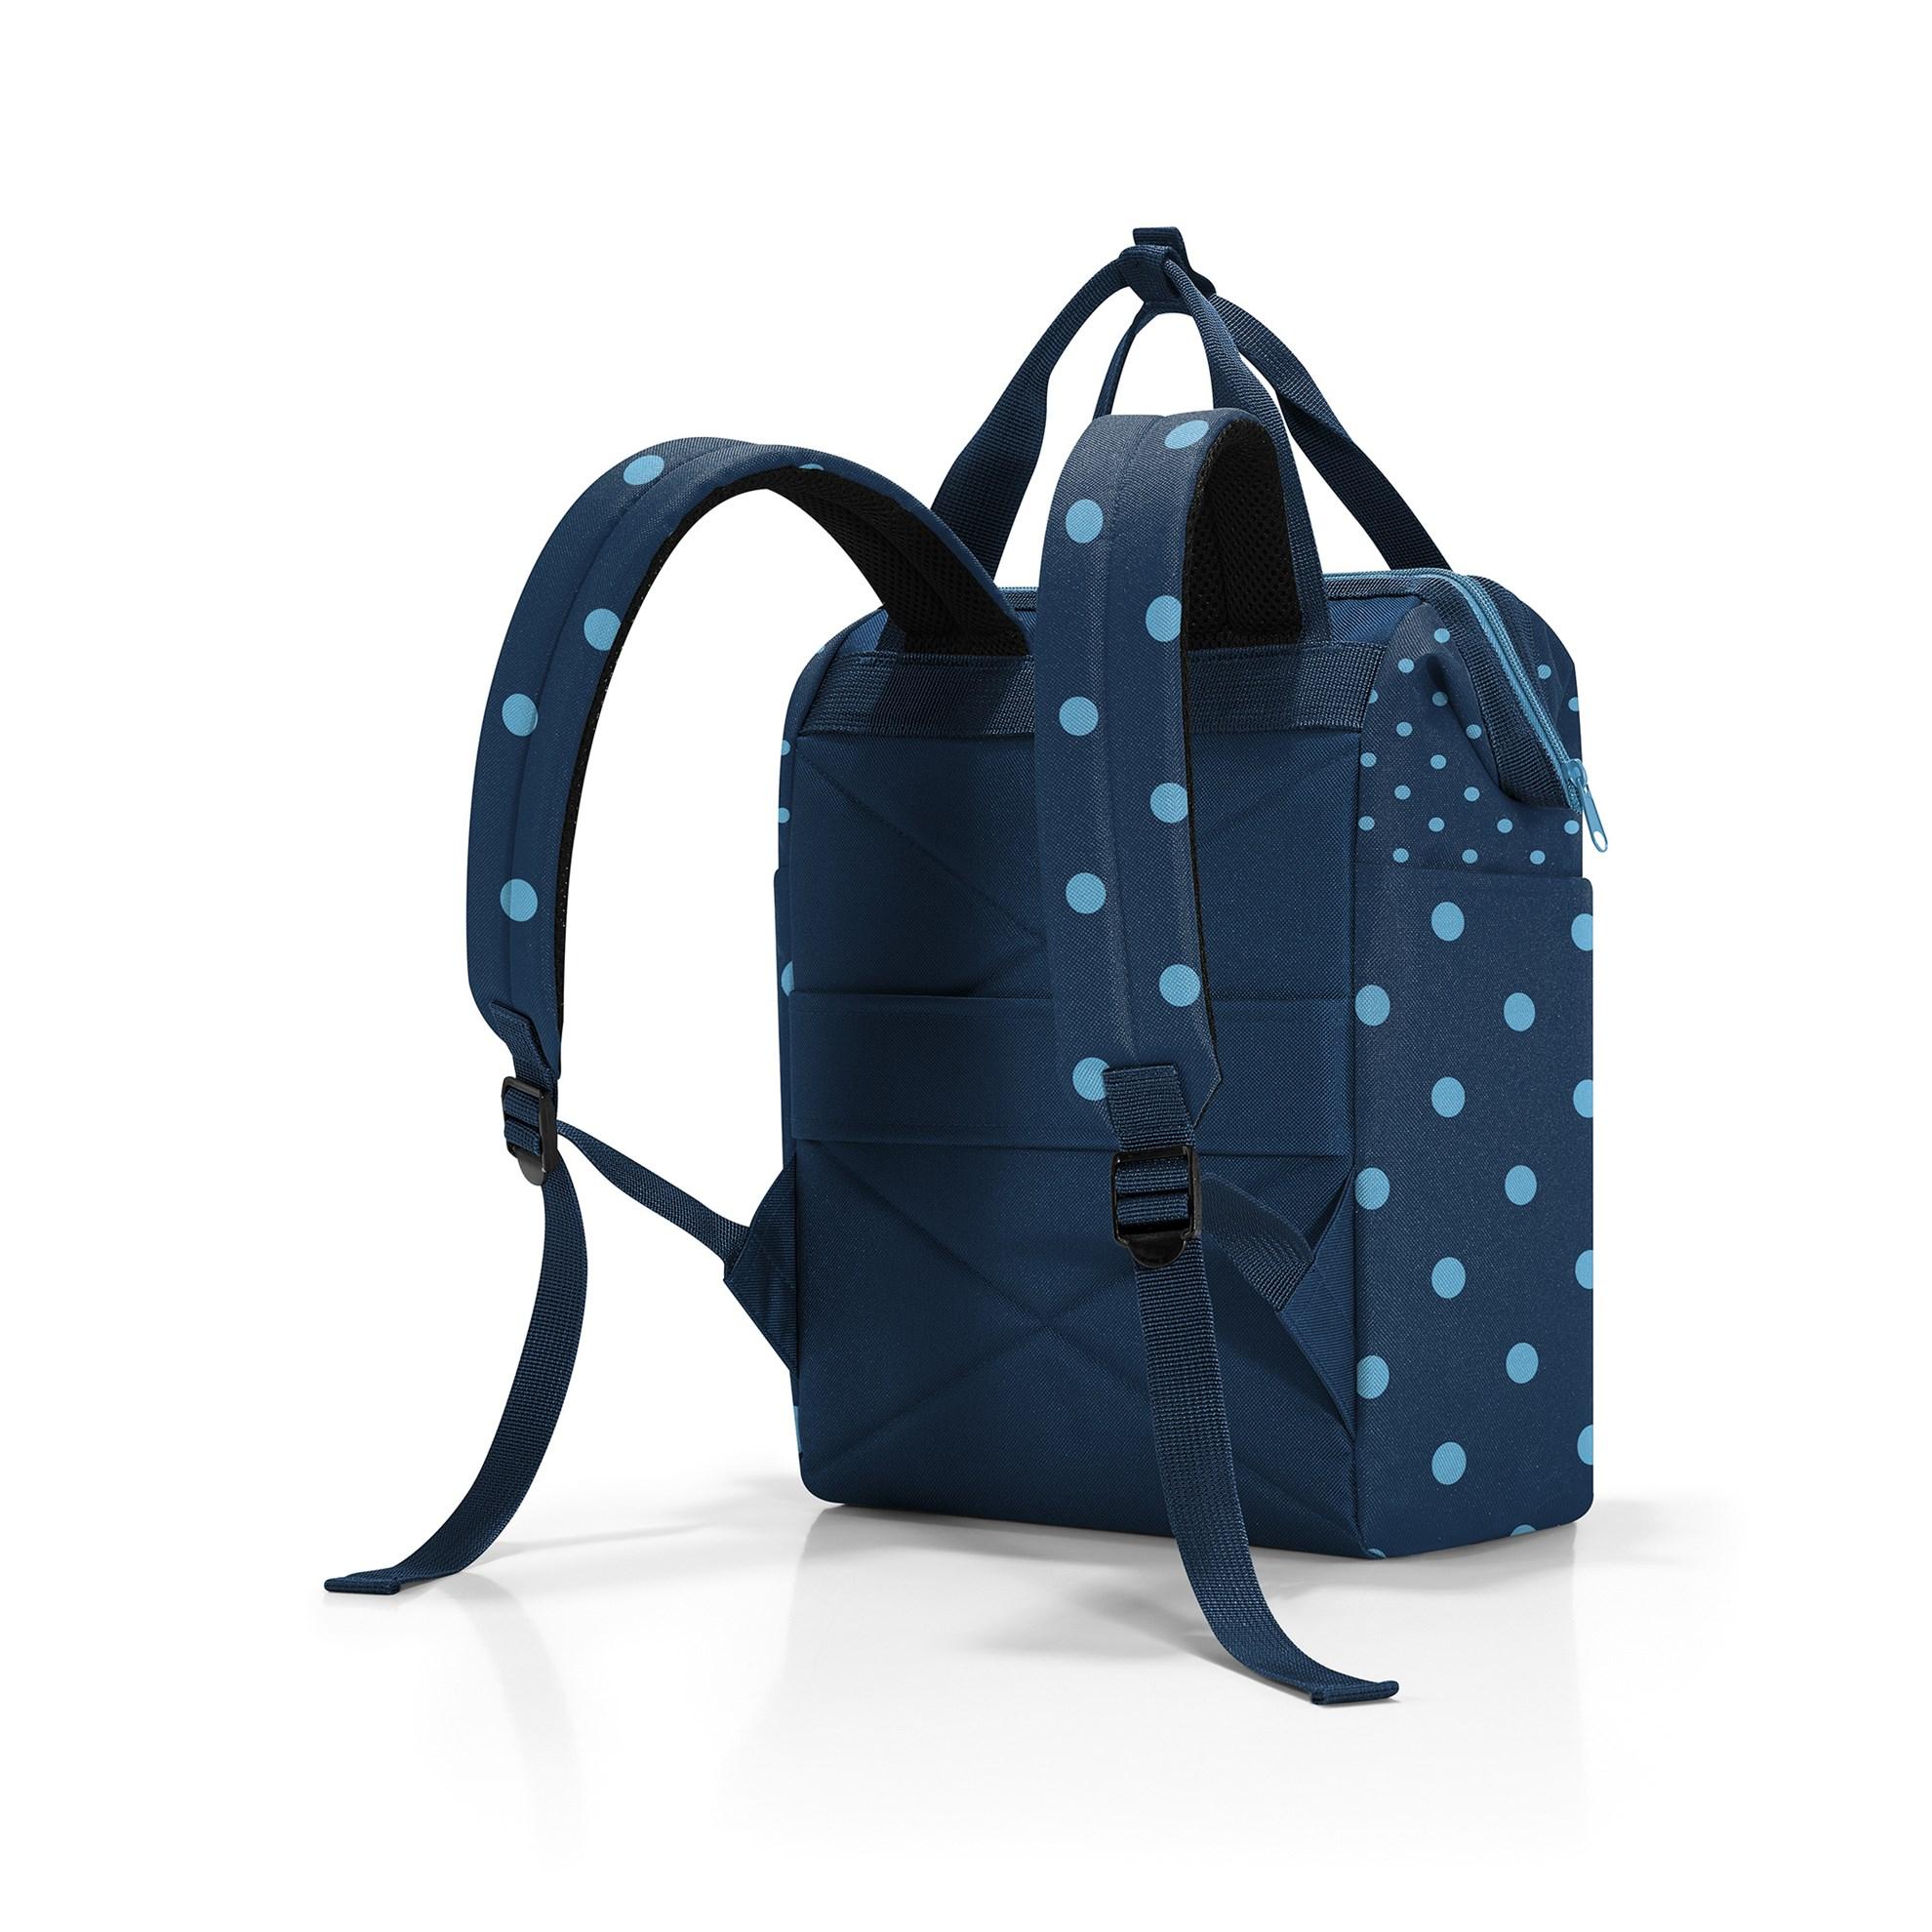 Batoh/taška Allrounder R mixed dots blue_1